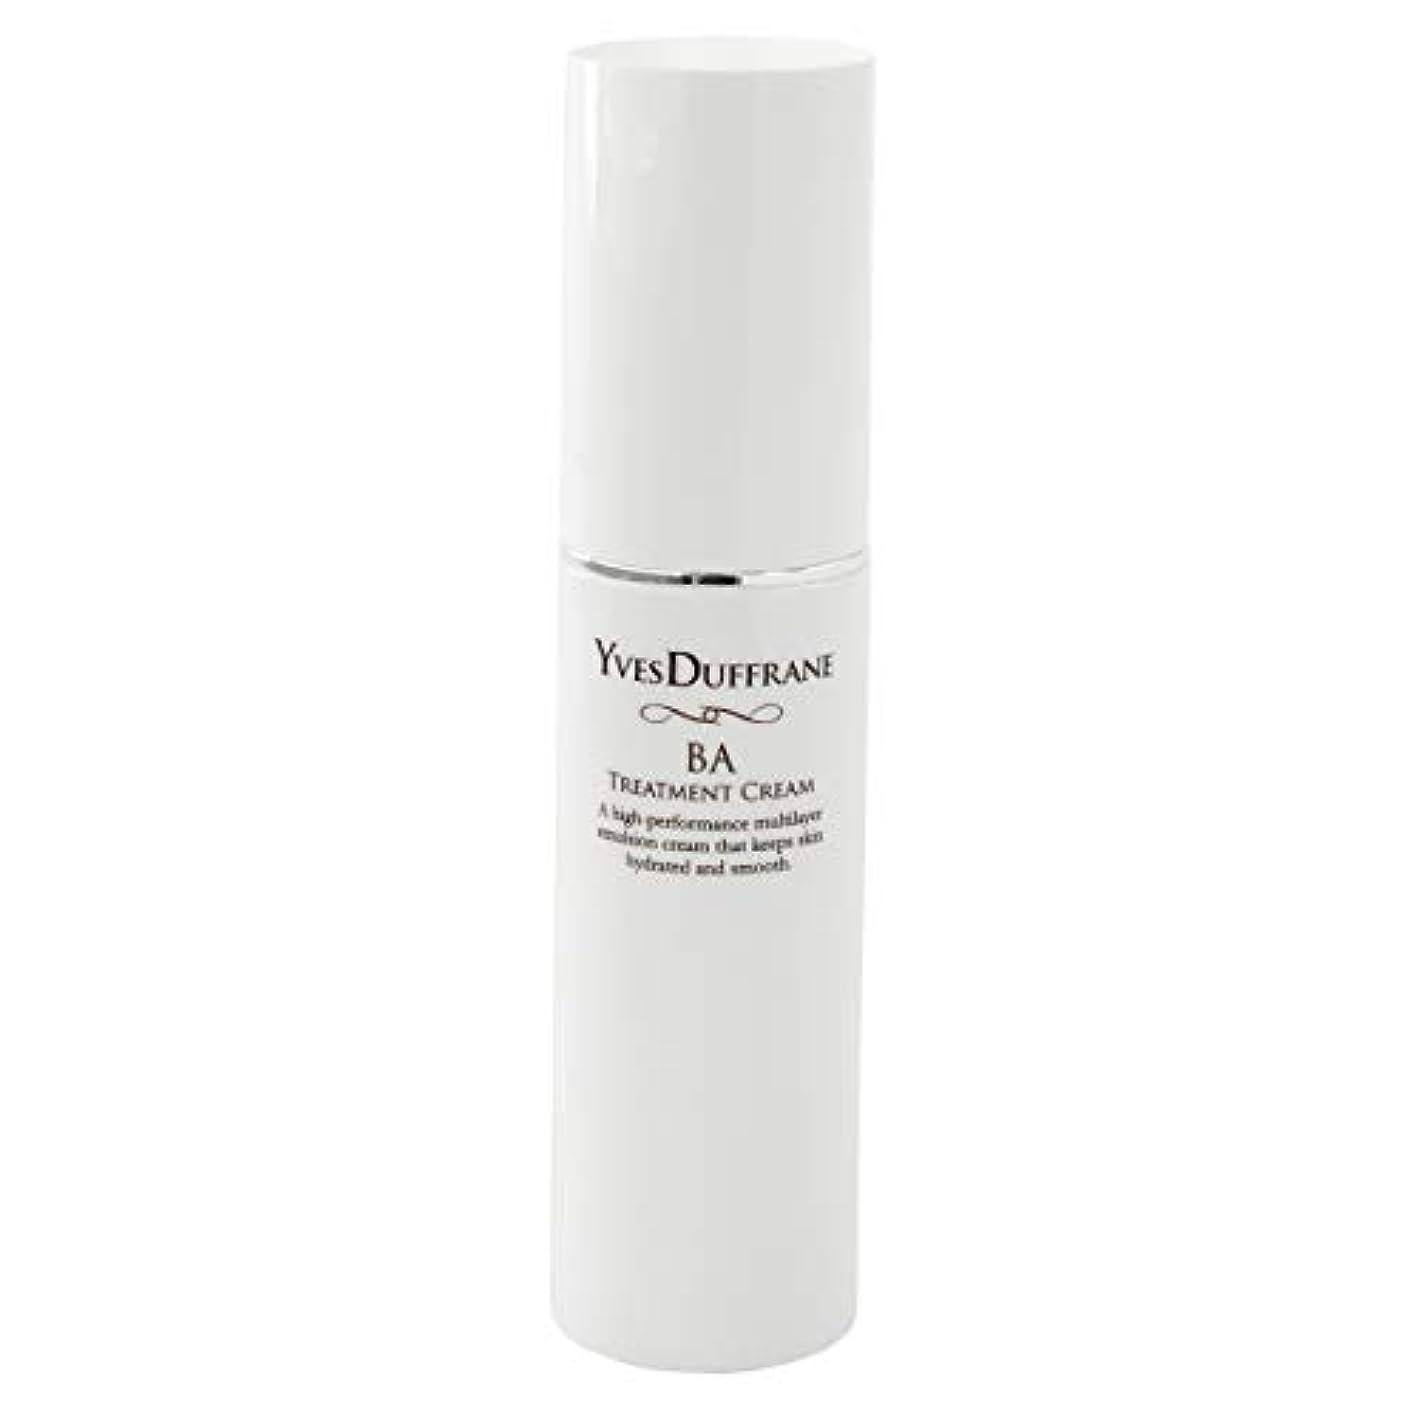 把握ばかげている繊維セラミド 美容クリーム [BAトリートメント クリーム ] 顔 目元 敏感肌 保湿 セラミド ビタミンC誘導体 バイオアンテージ配合